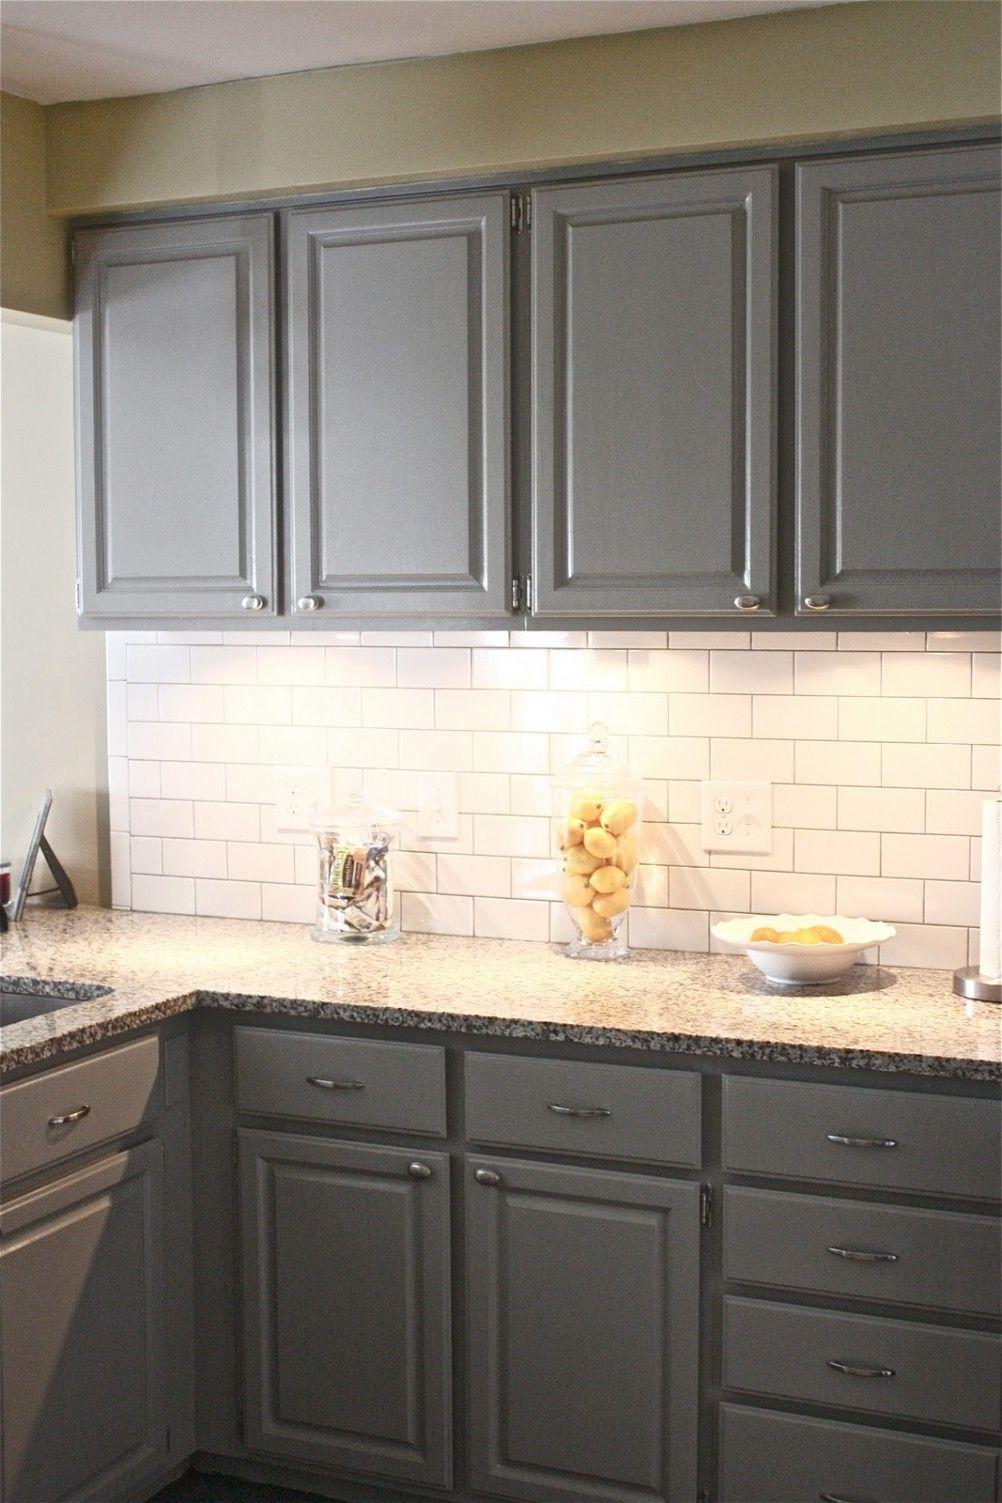 FURNITURE U0026 ACCESSORIES Kitchen Inspiration With Dark Grey Wood Kitchen  Plus Some Drawer White Tile Backsplash